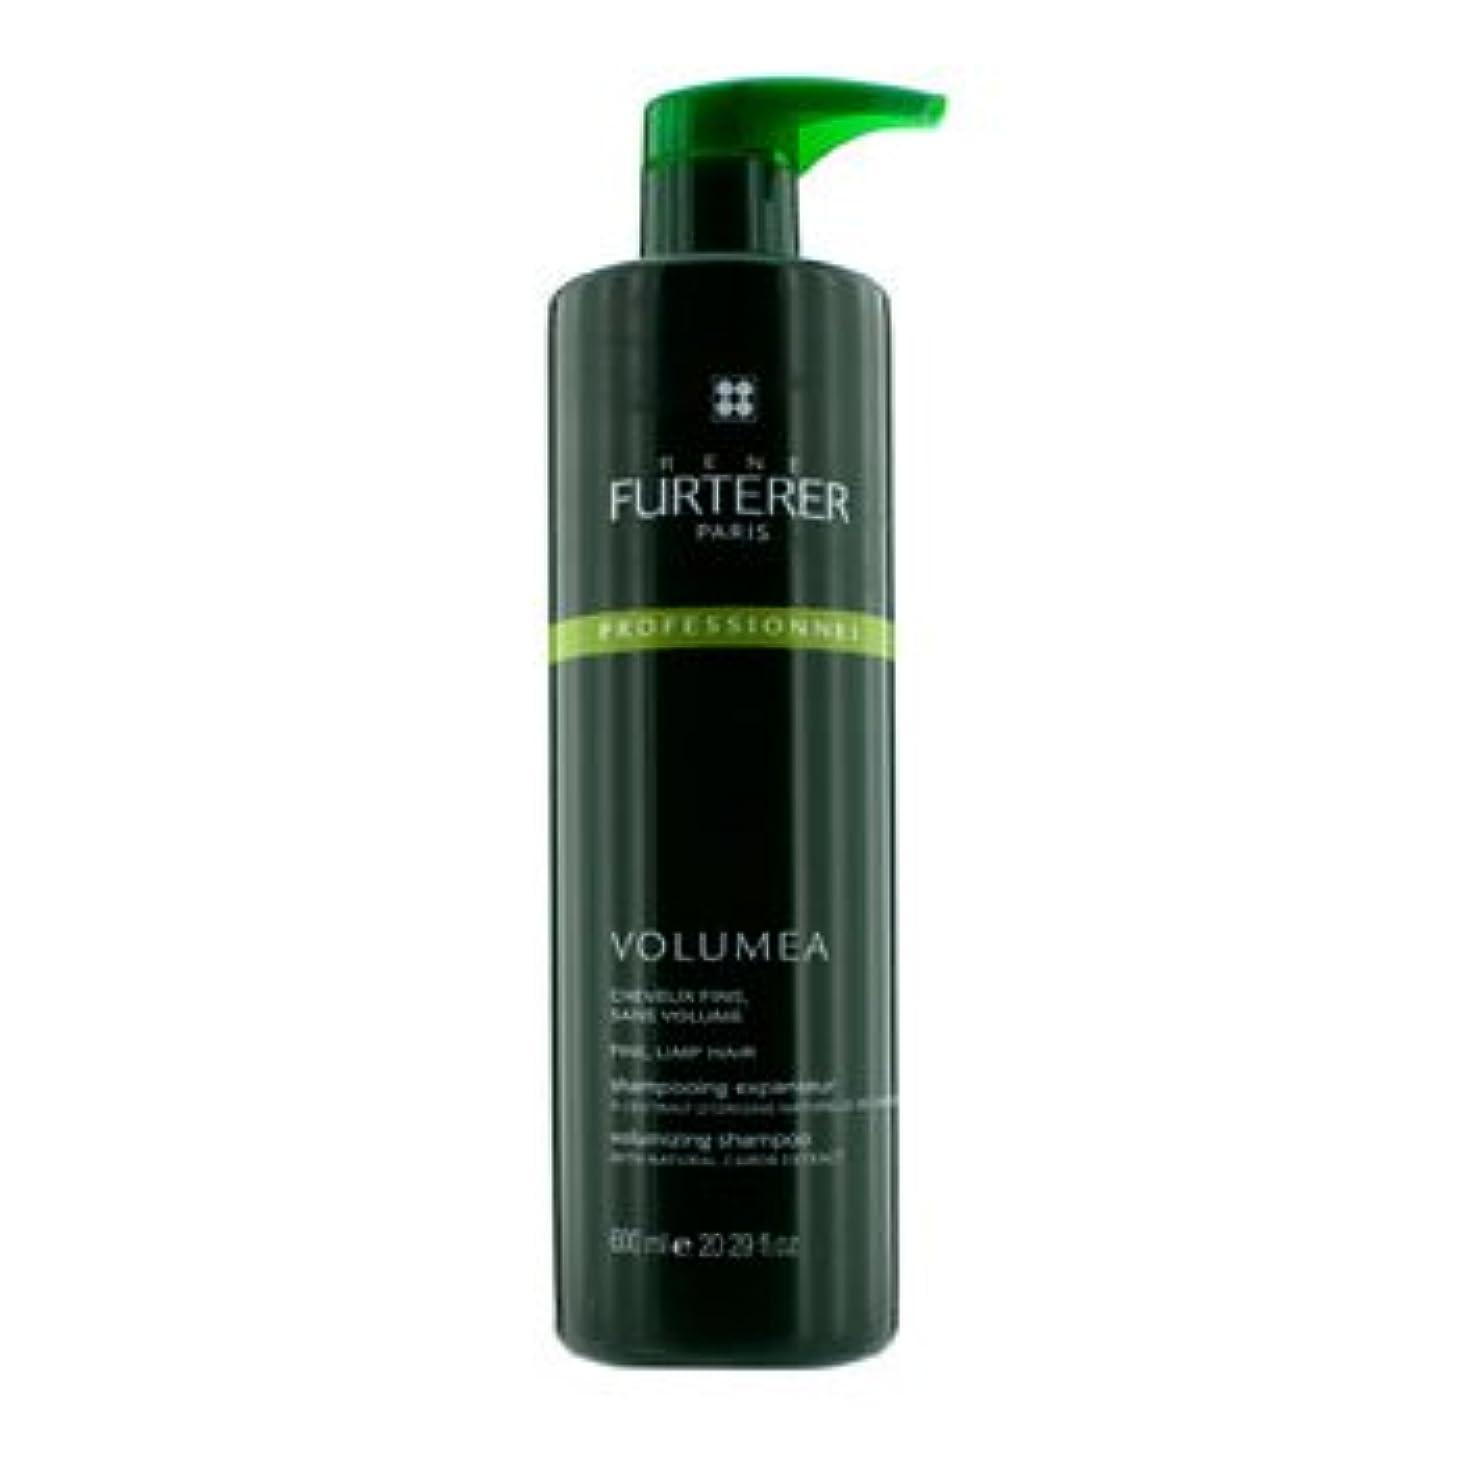 モバイル露骨な文明化[Rene Furterer] Volumea Volumizing Shampoo (For Fine and Limp Hair) 600ml/20.29oz